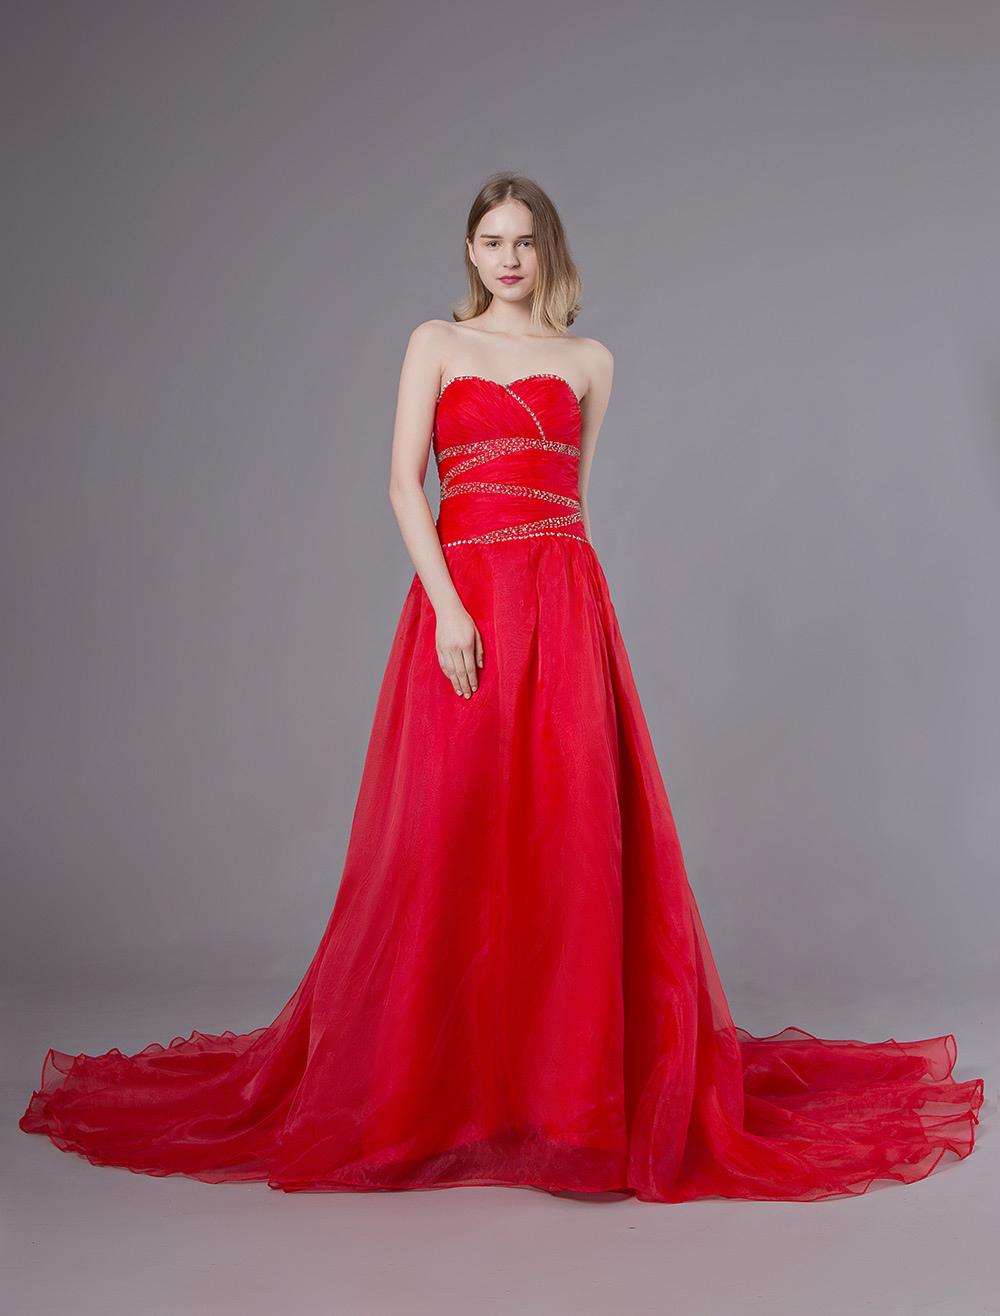 d3d0bd9d1c3c ... Abiti da sposa rossi Abiti da cerimonia senza spalline in organza con  perline senza spalline- ...